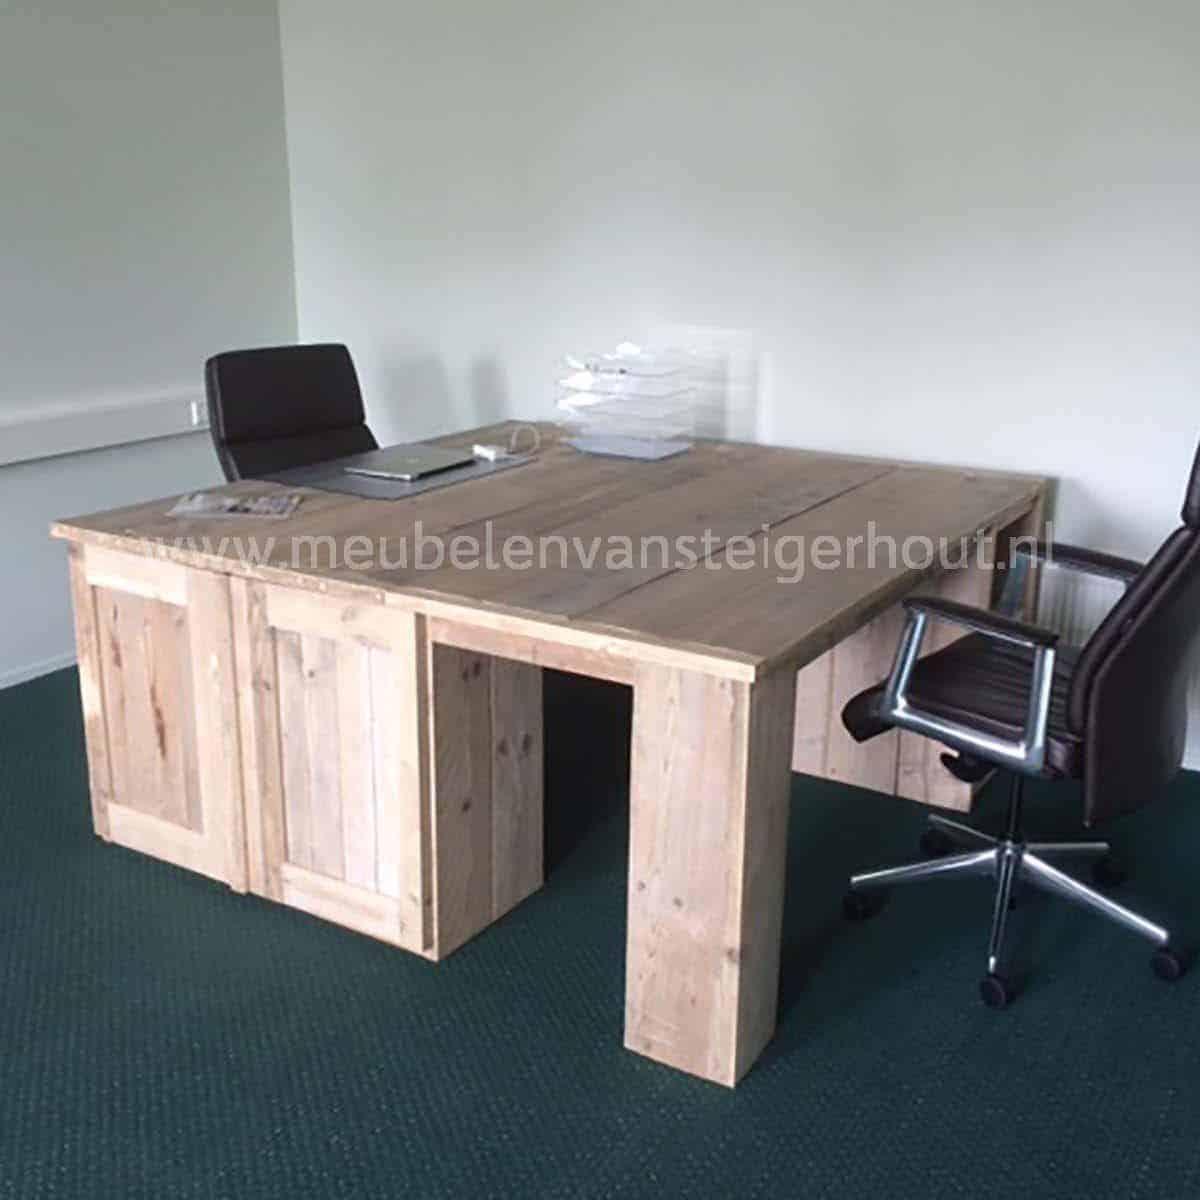 Steigerhouten bureau dubbel meubelen van steigerhout for Steigerhout bureau